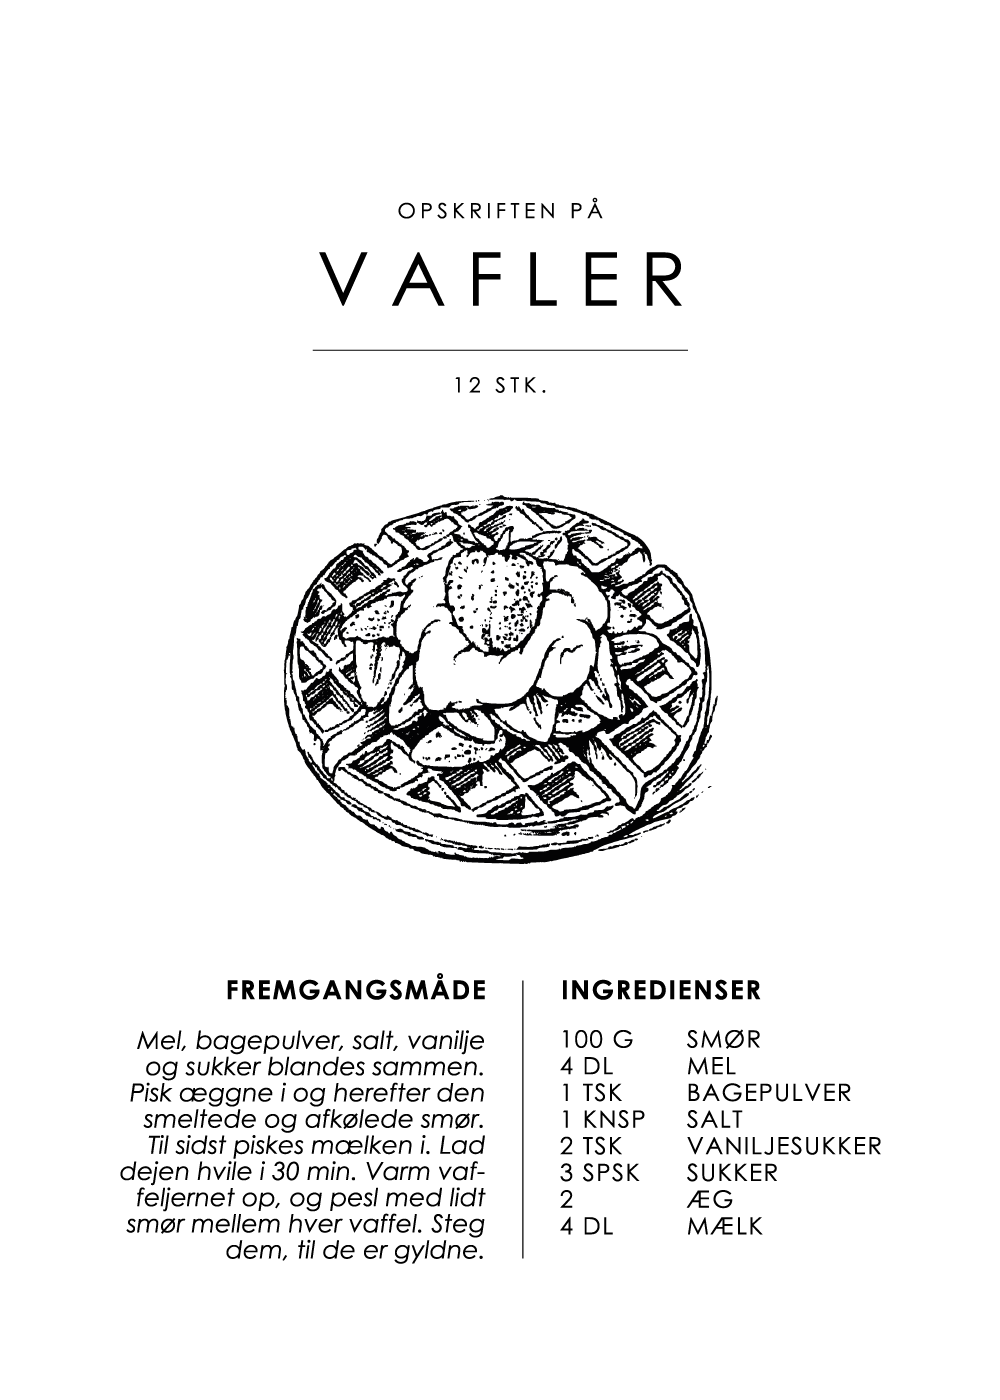 Billede af Vafler opskrift - Kage guide plakat